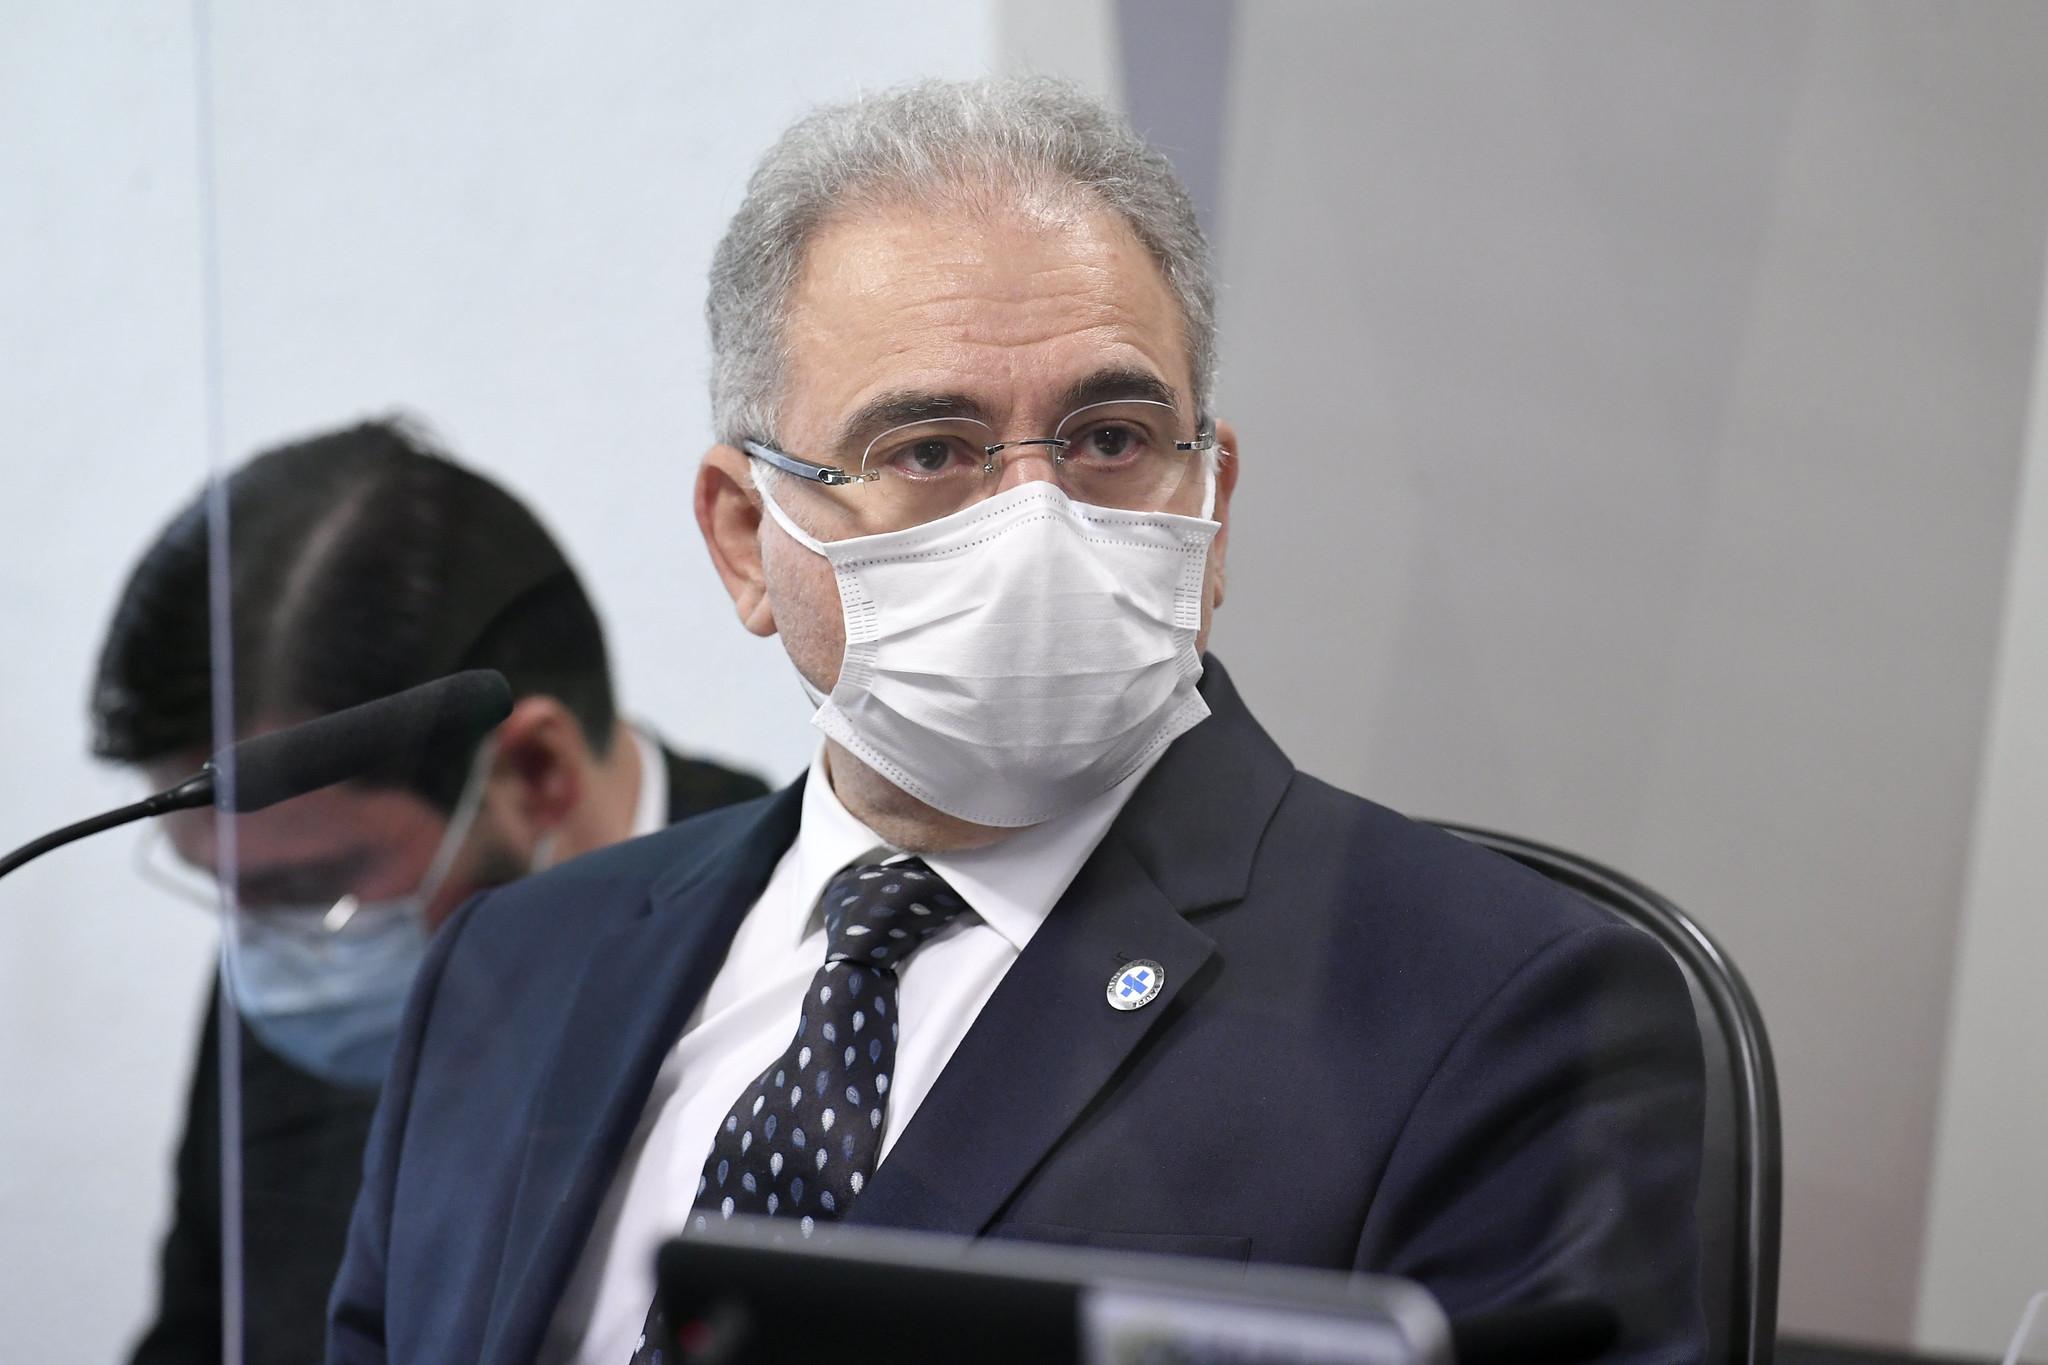 Ministro da Saúde, Marcelo Queiroga, presta novo depoimento à CPI da Pandemia